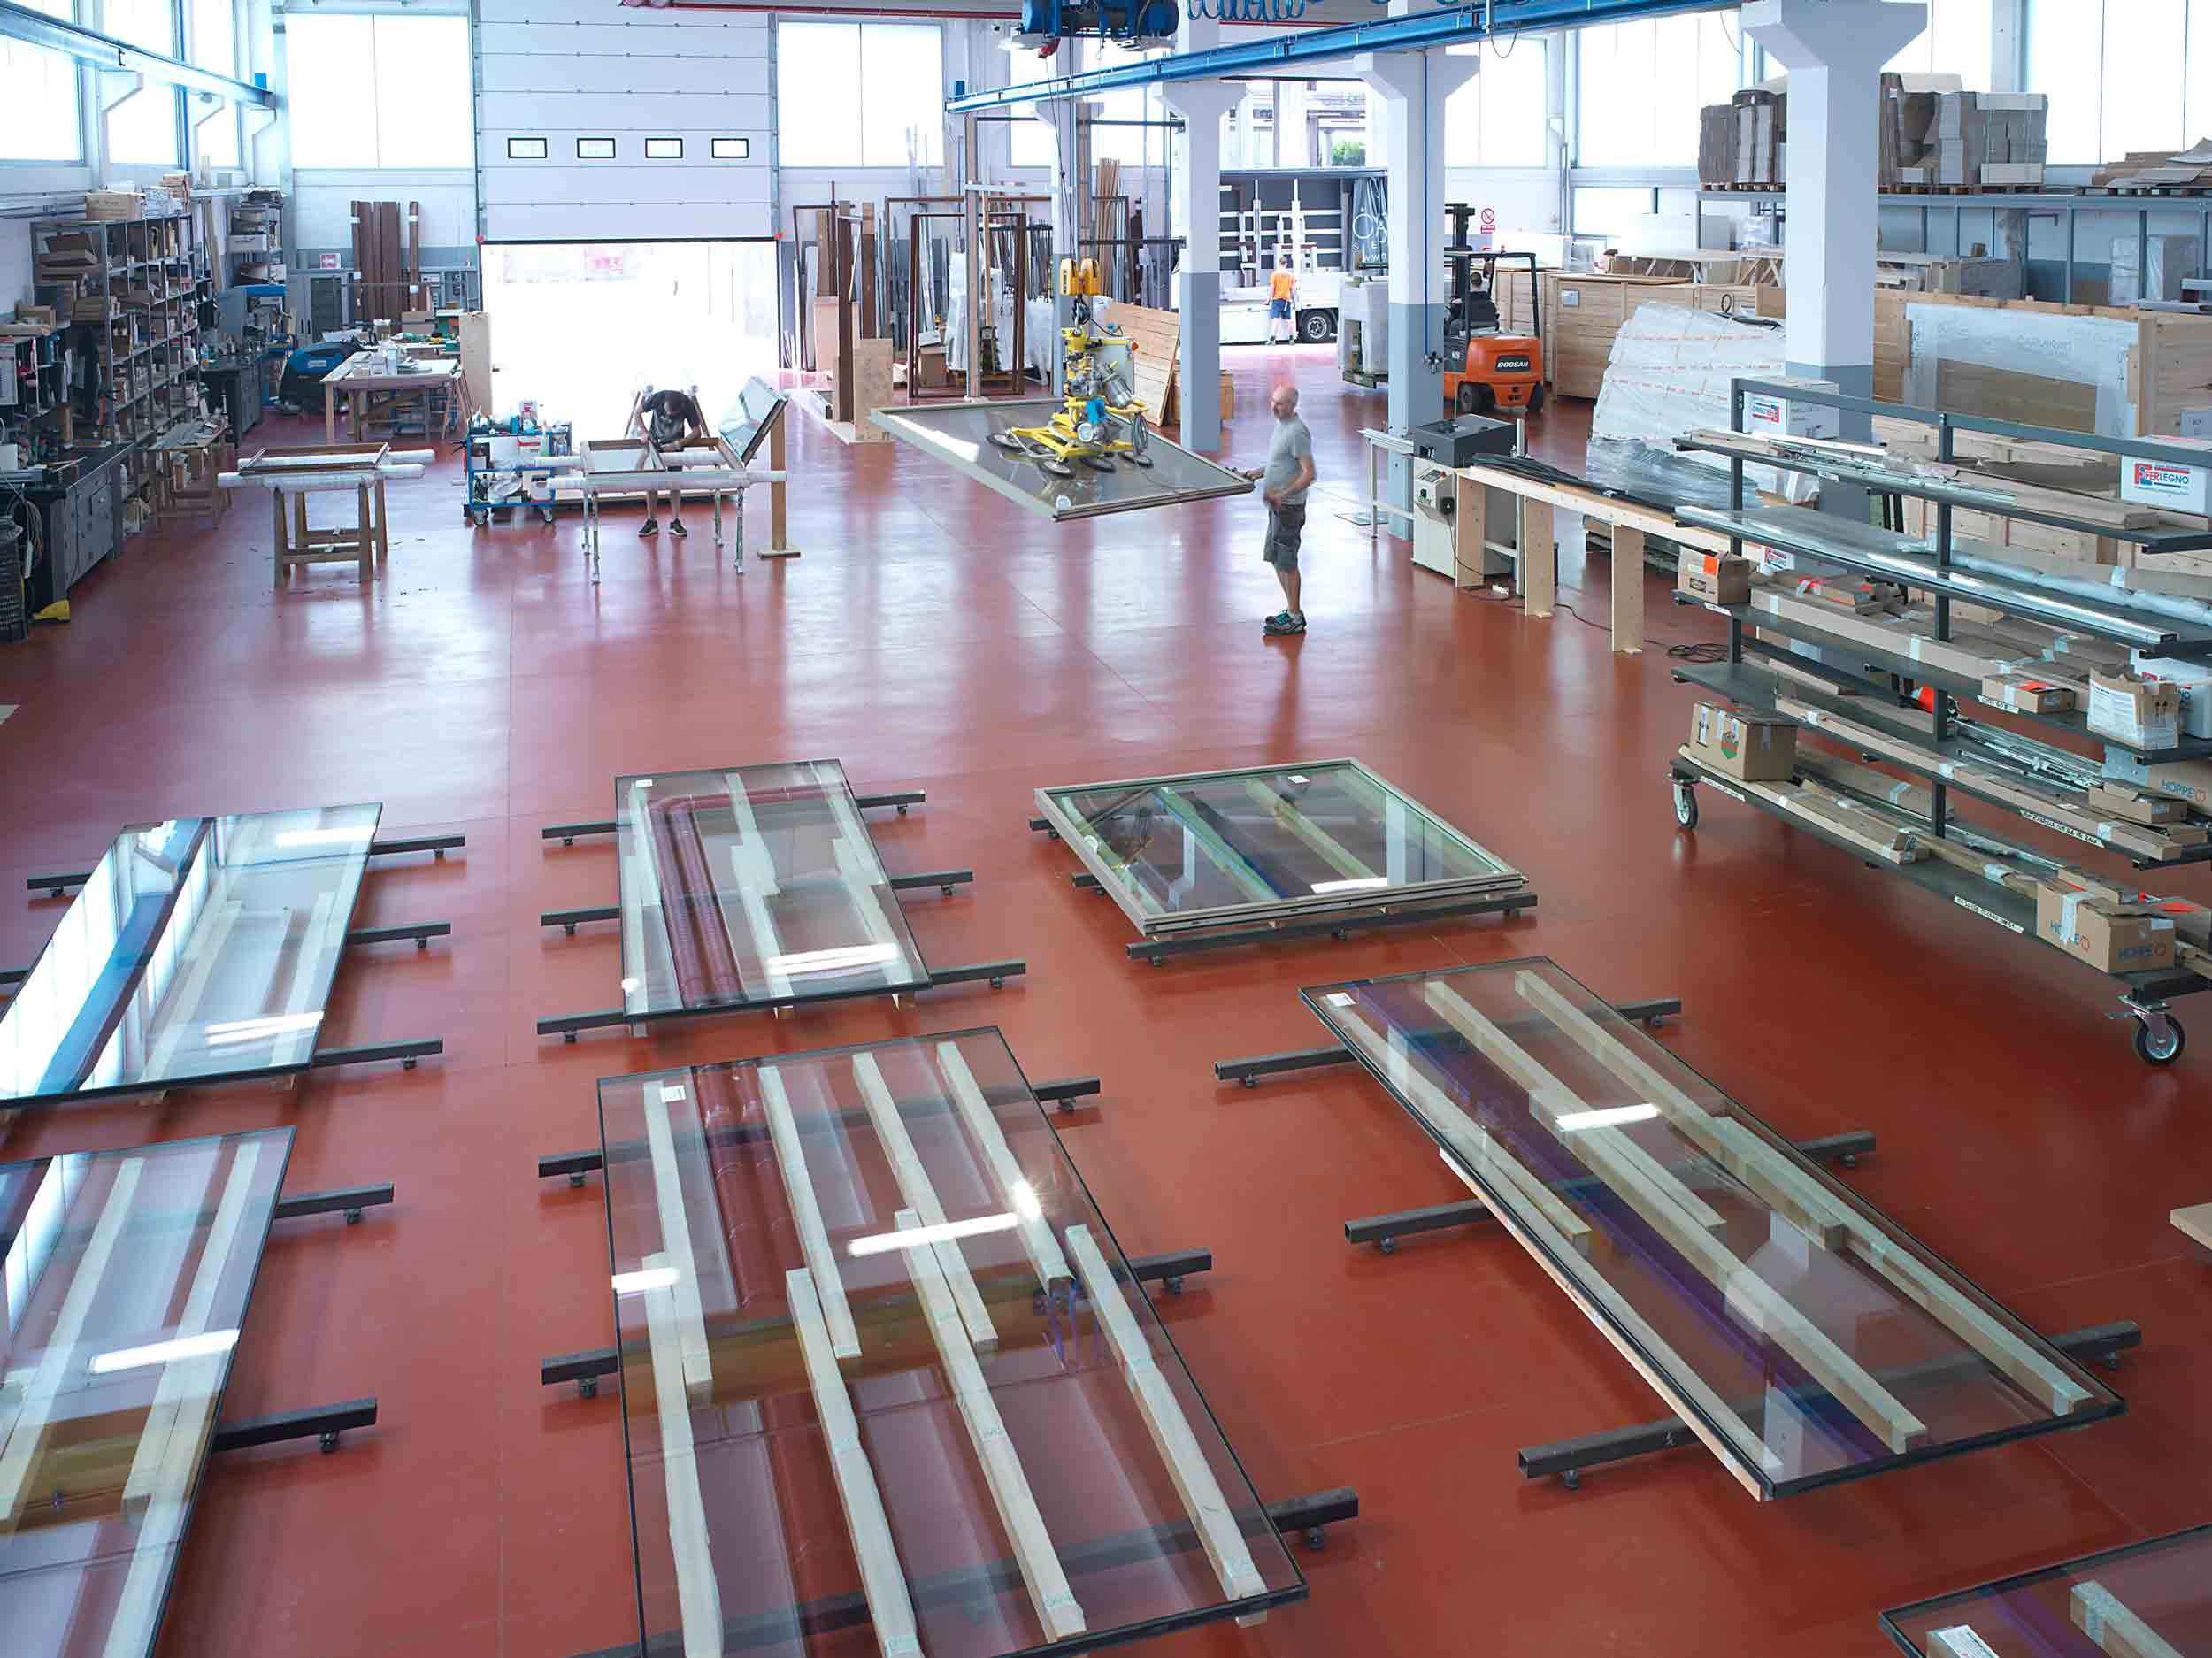 Vista generale del magazzino con le varie fasi dell'assemblaggio prodotti